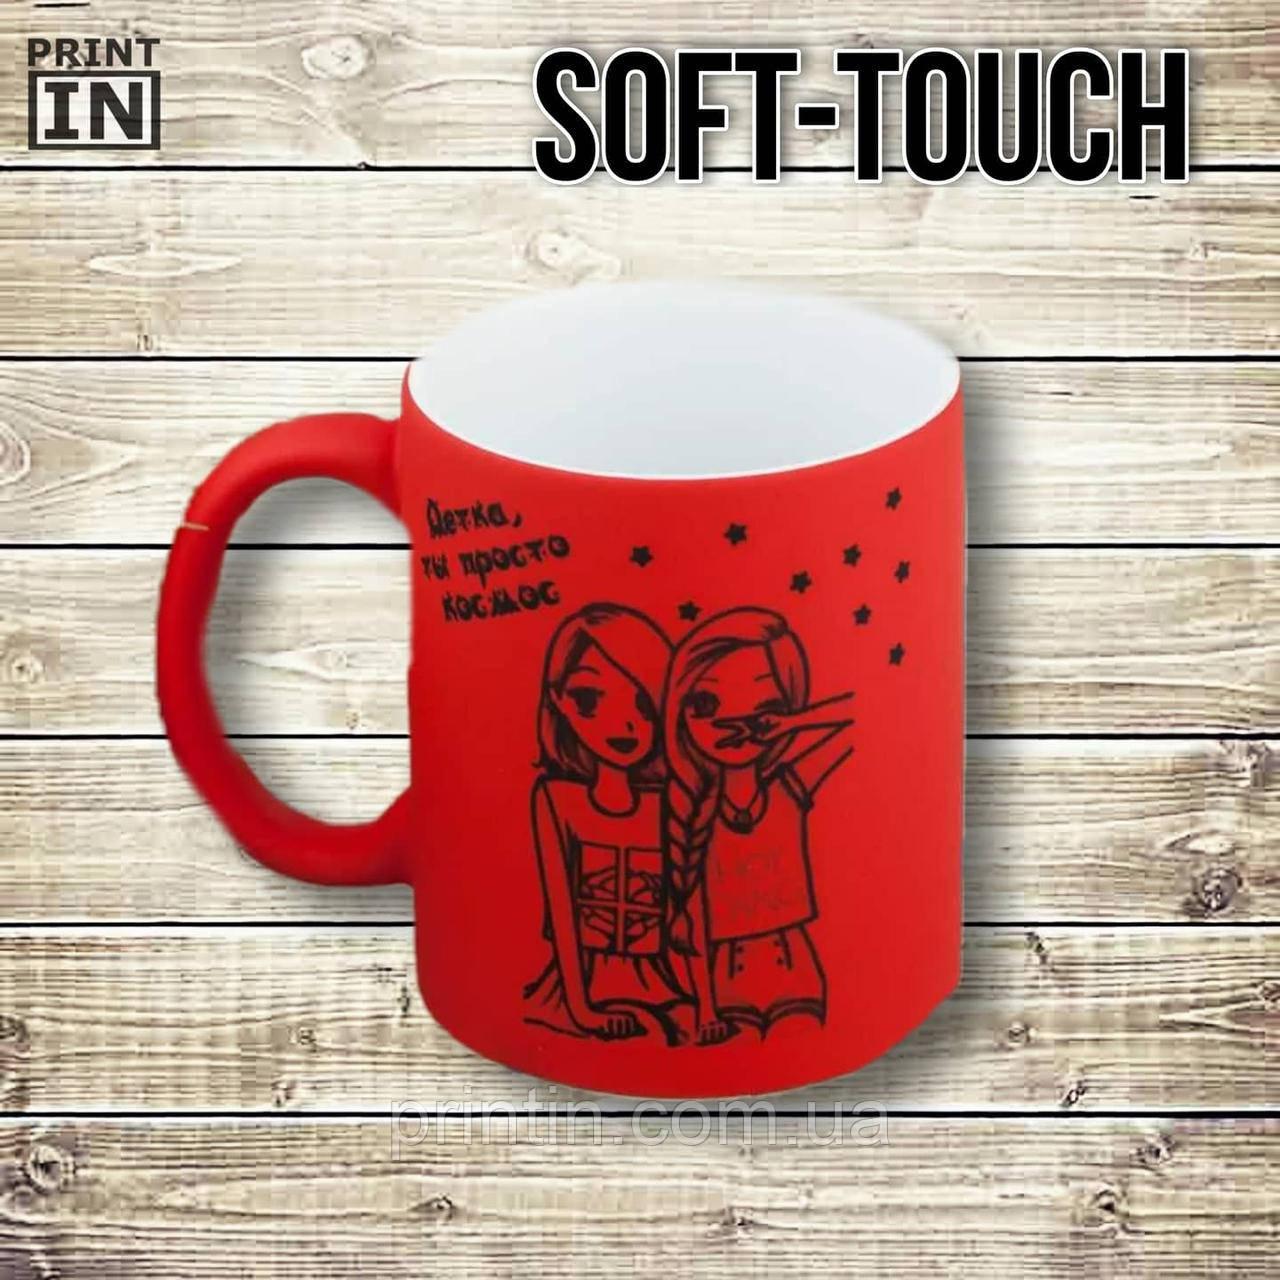 Печать на прорезиненной чашке Soft - Toutch 330мл